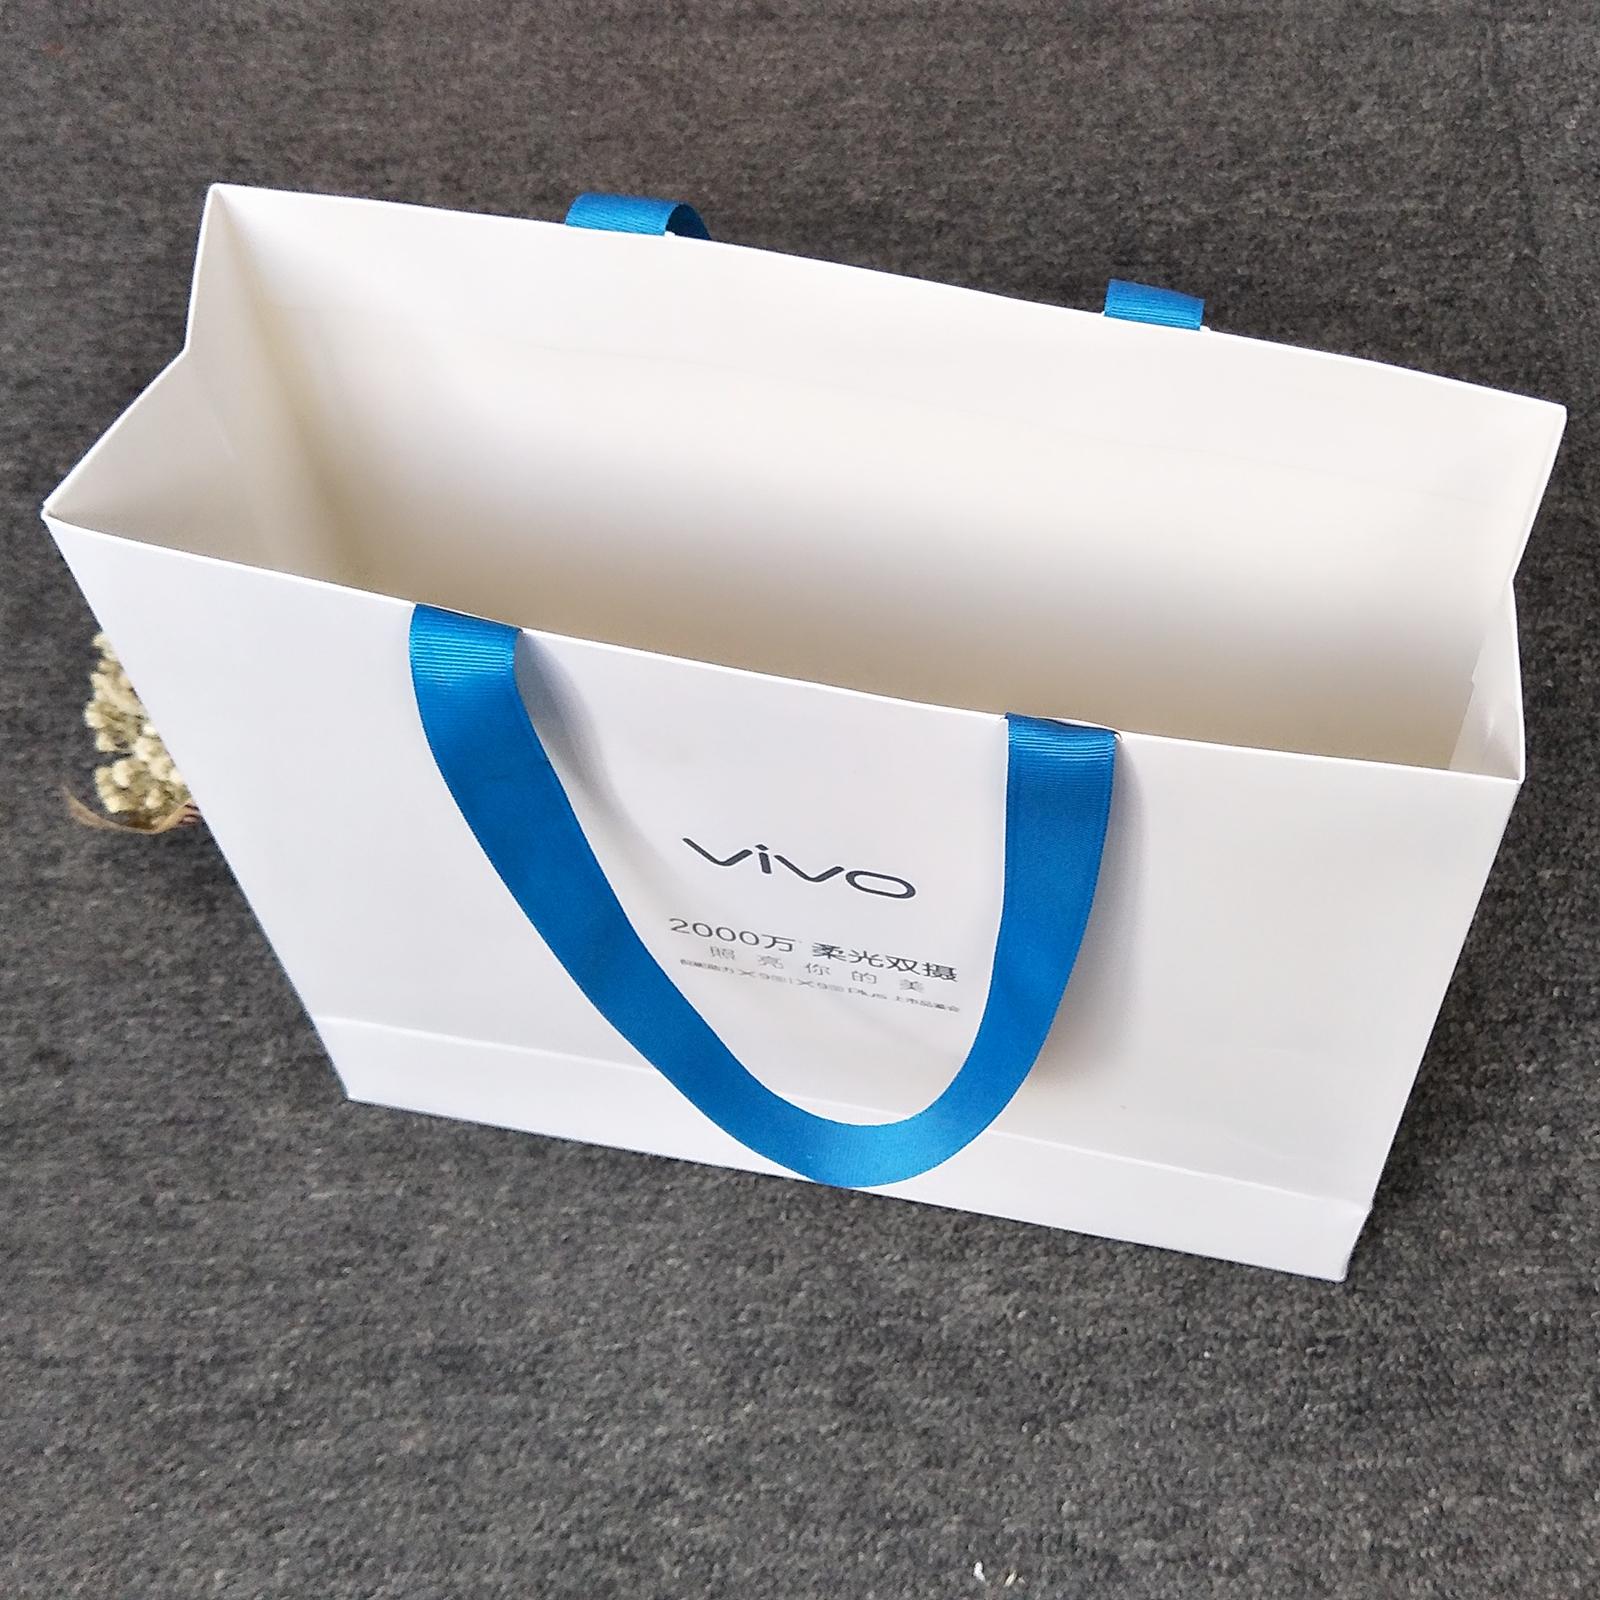 广州VIVO手机手提袋 礼品袋 白卡纸袋 专业定制 高端印刷团队